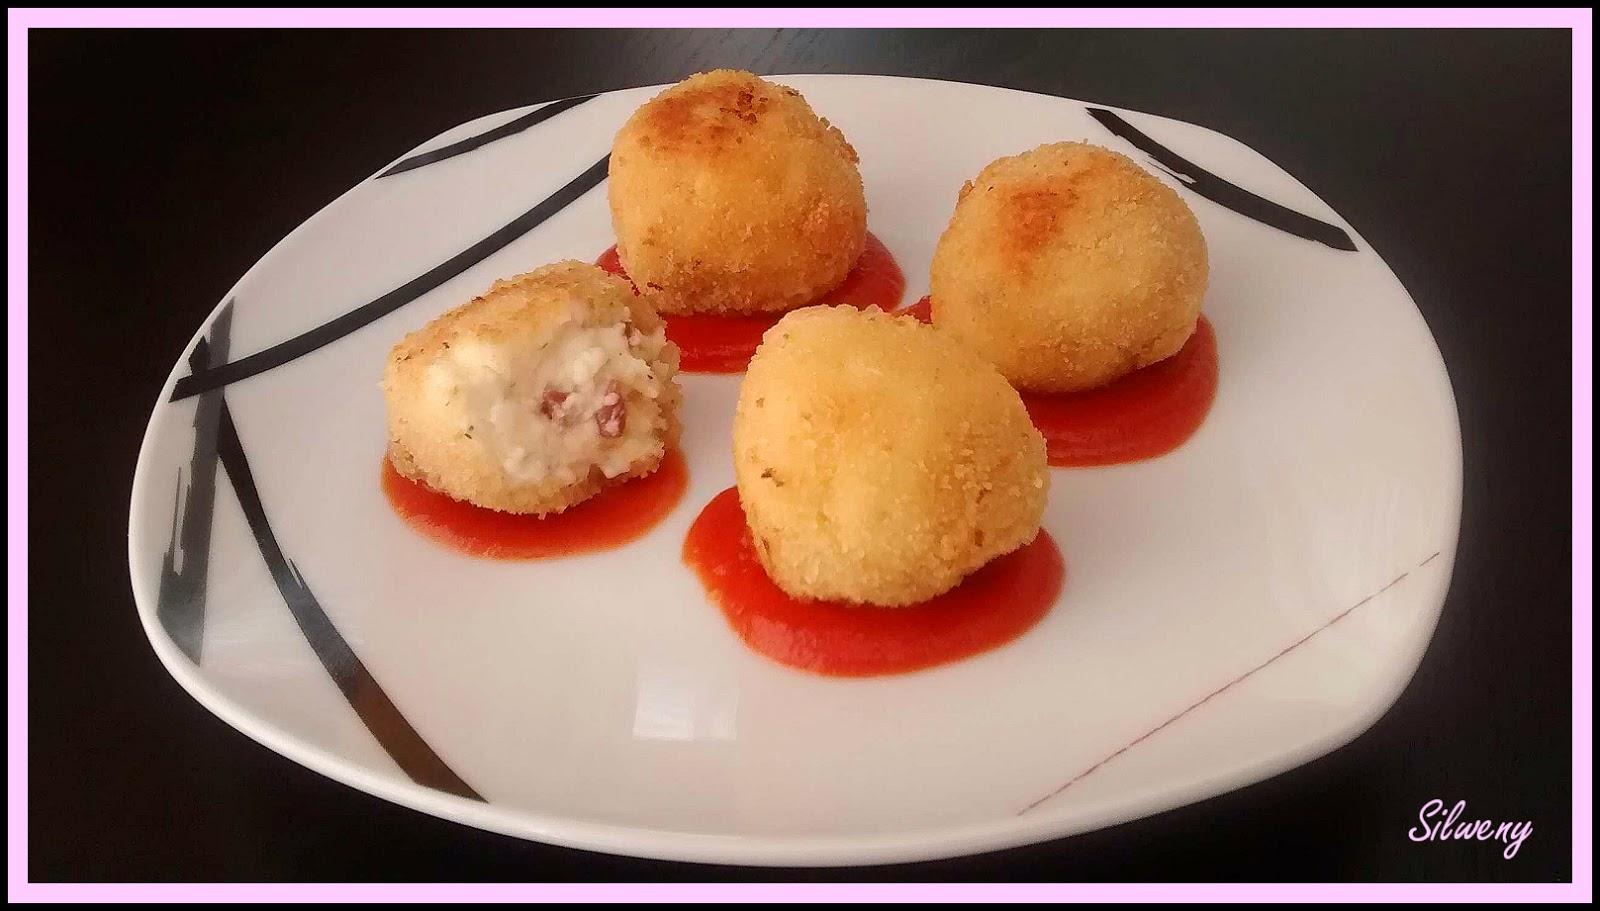 Come con silweny croquetas de jam n y queso de untar - Postres con queso de untar ...